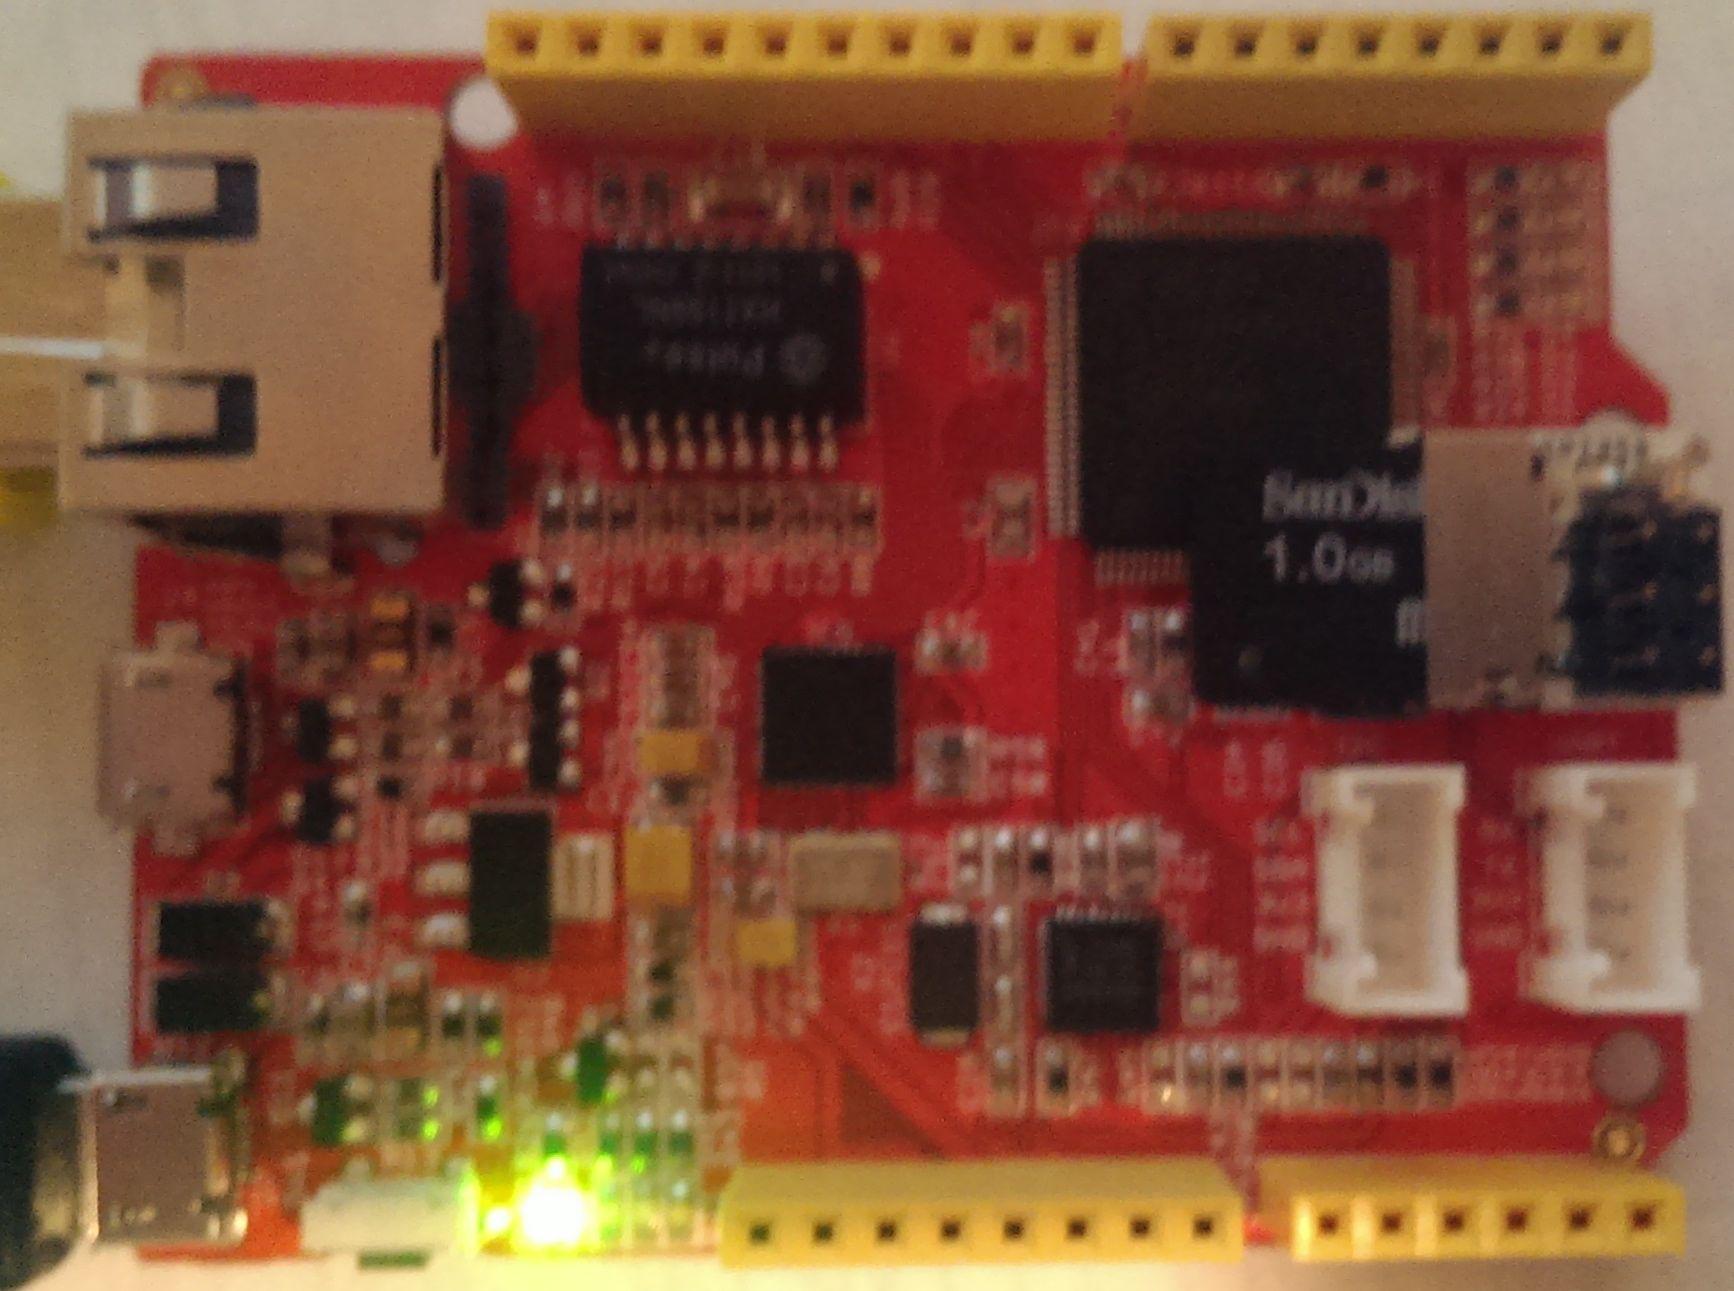 spi2sd installed